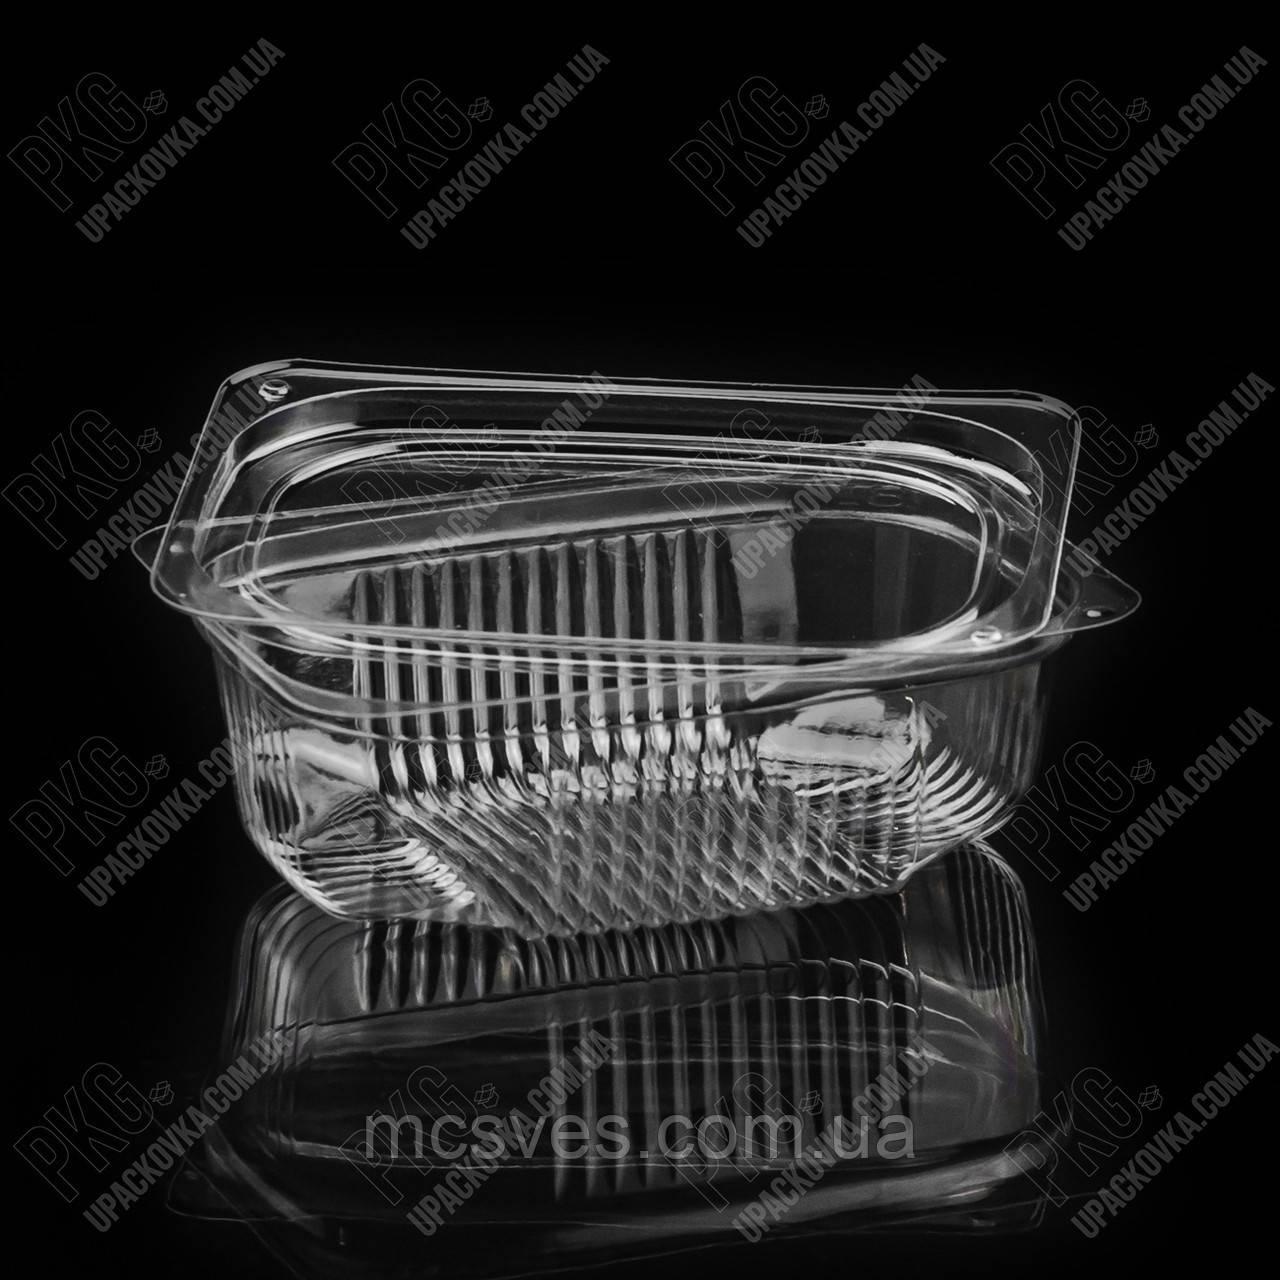 Упаковка для салатов и полуфабрикатов ПС-181 (200 мл)